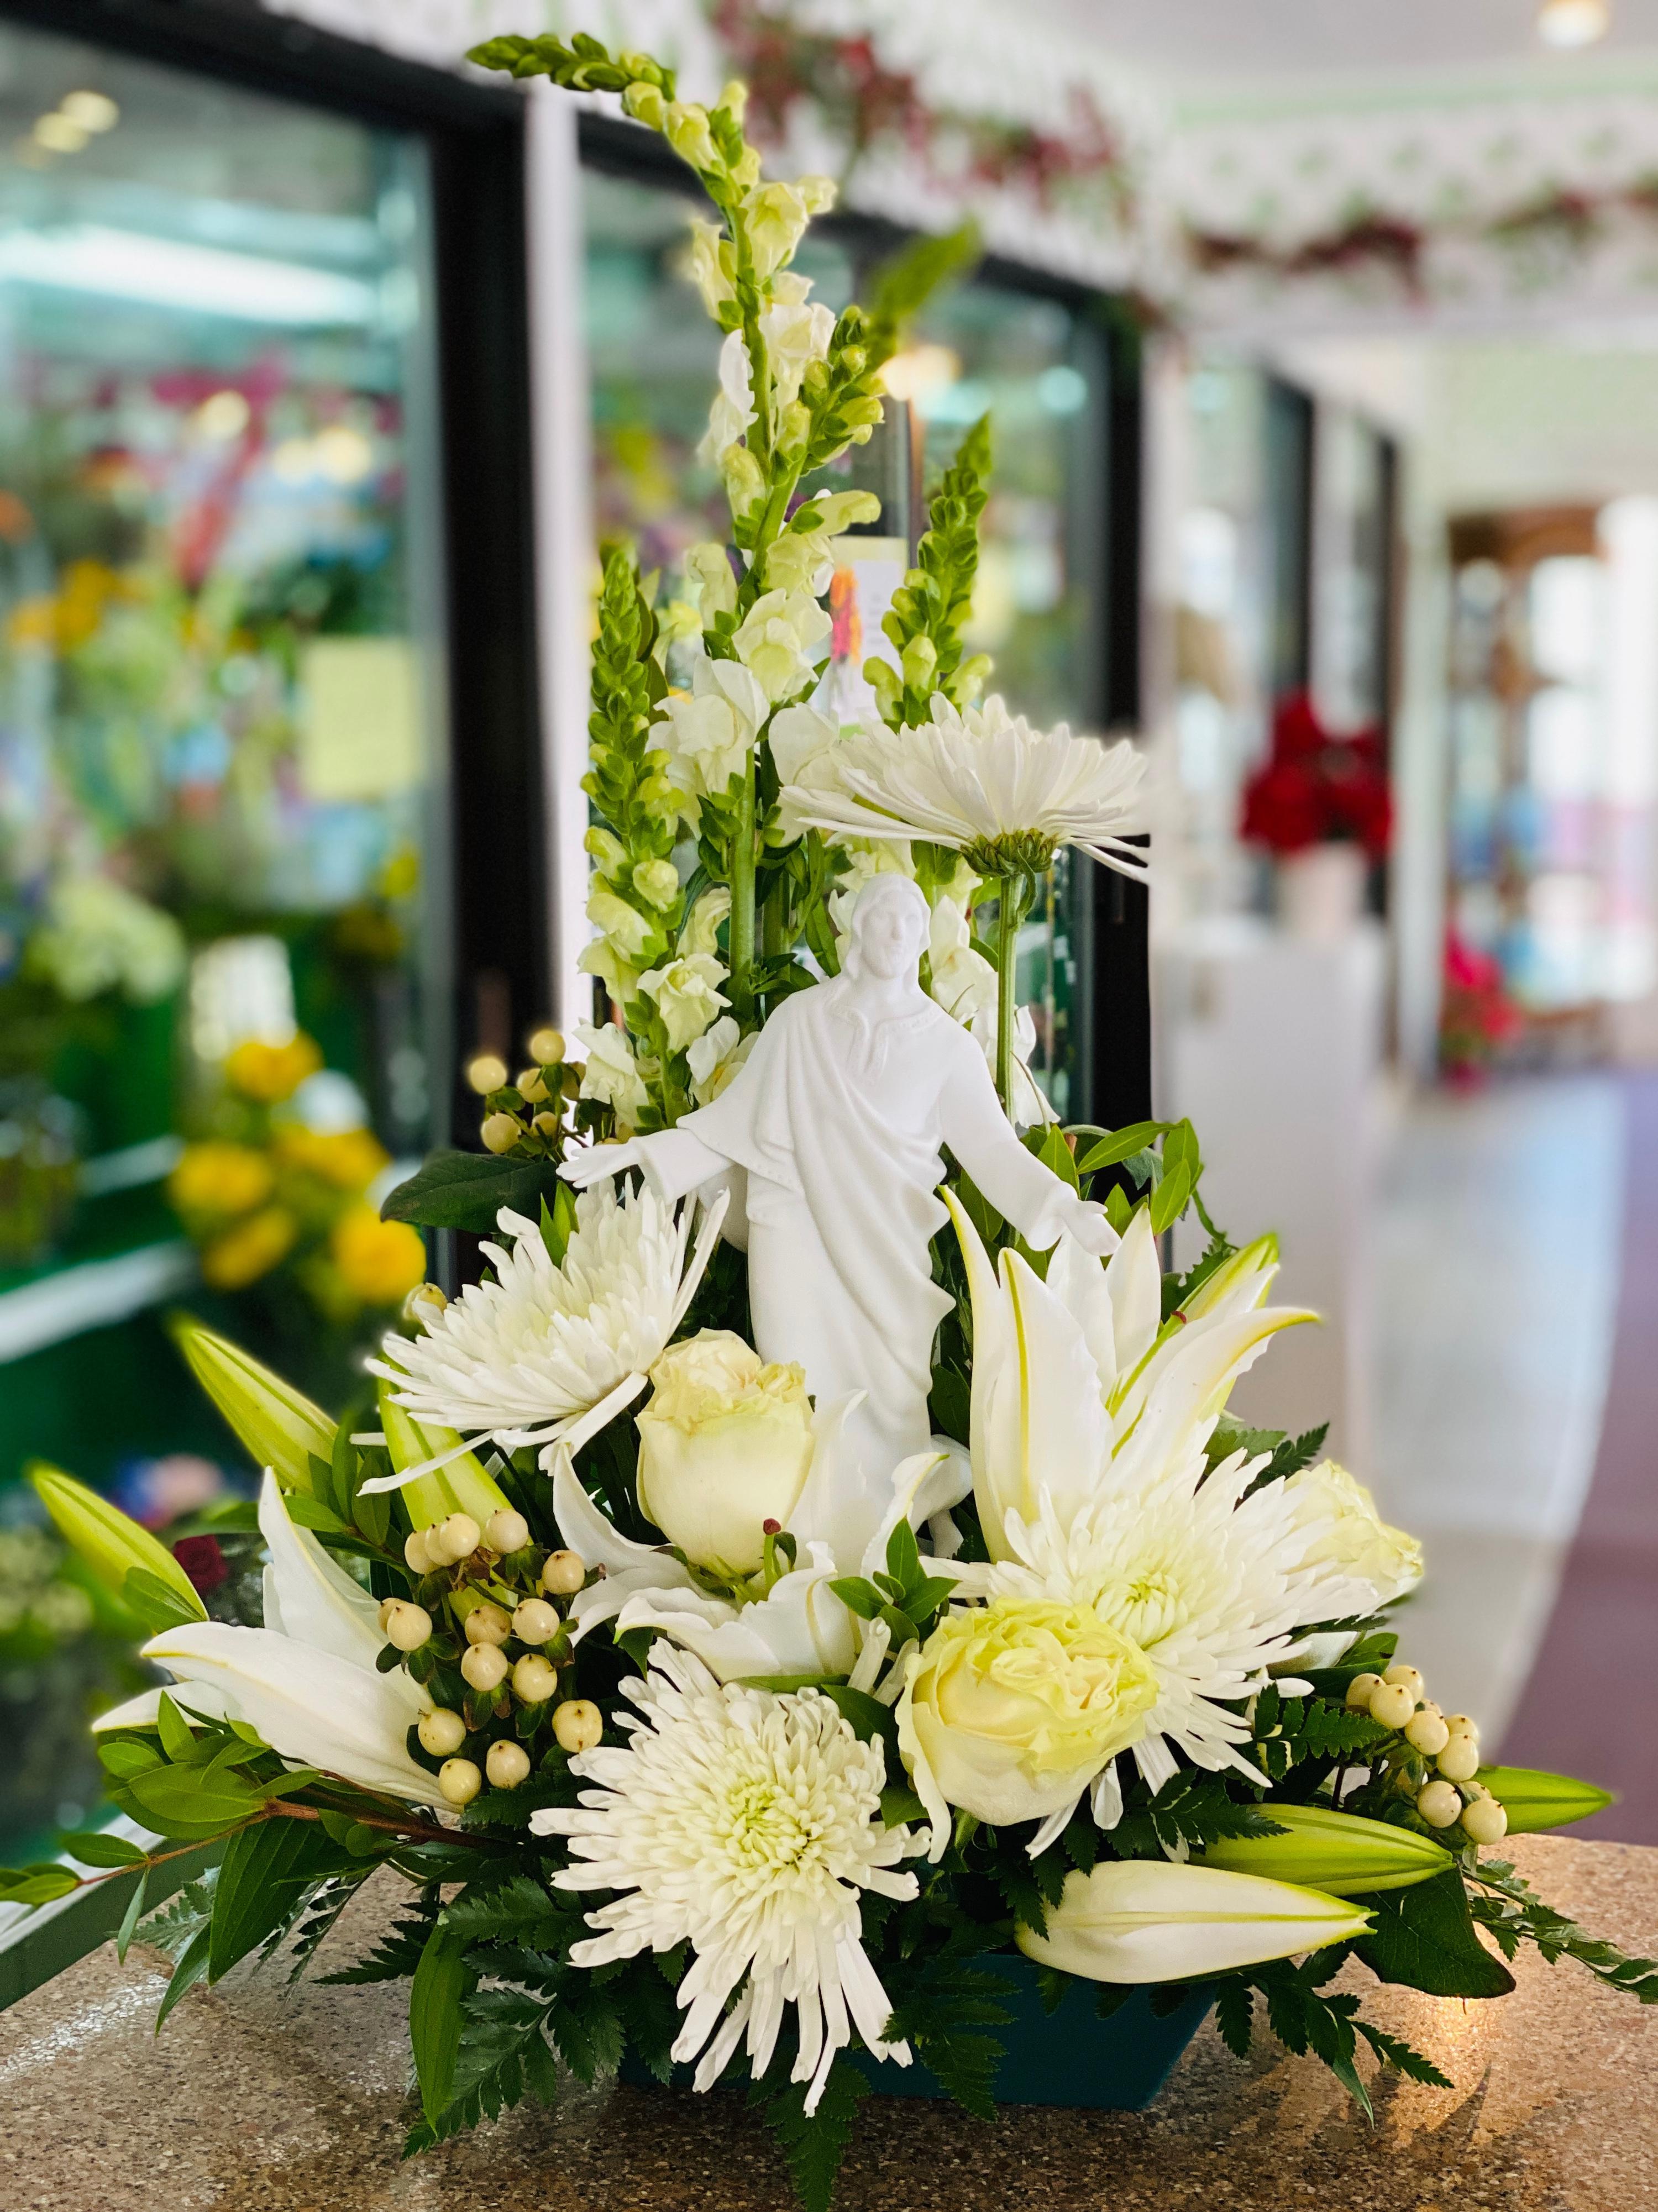 Faithful Bouquet